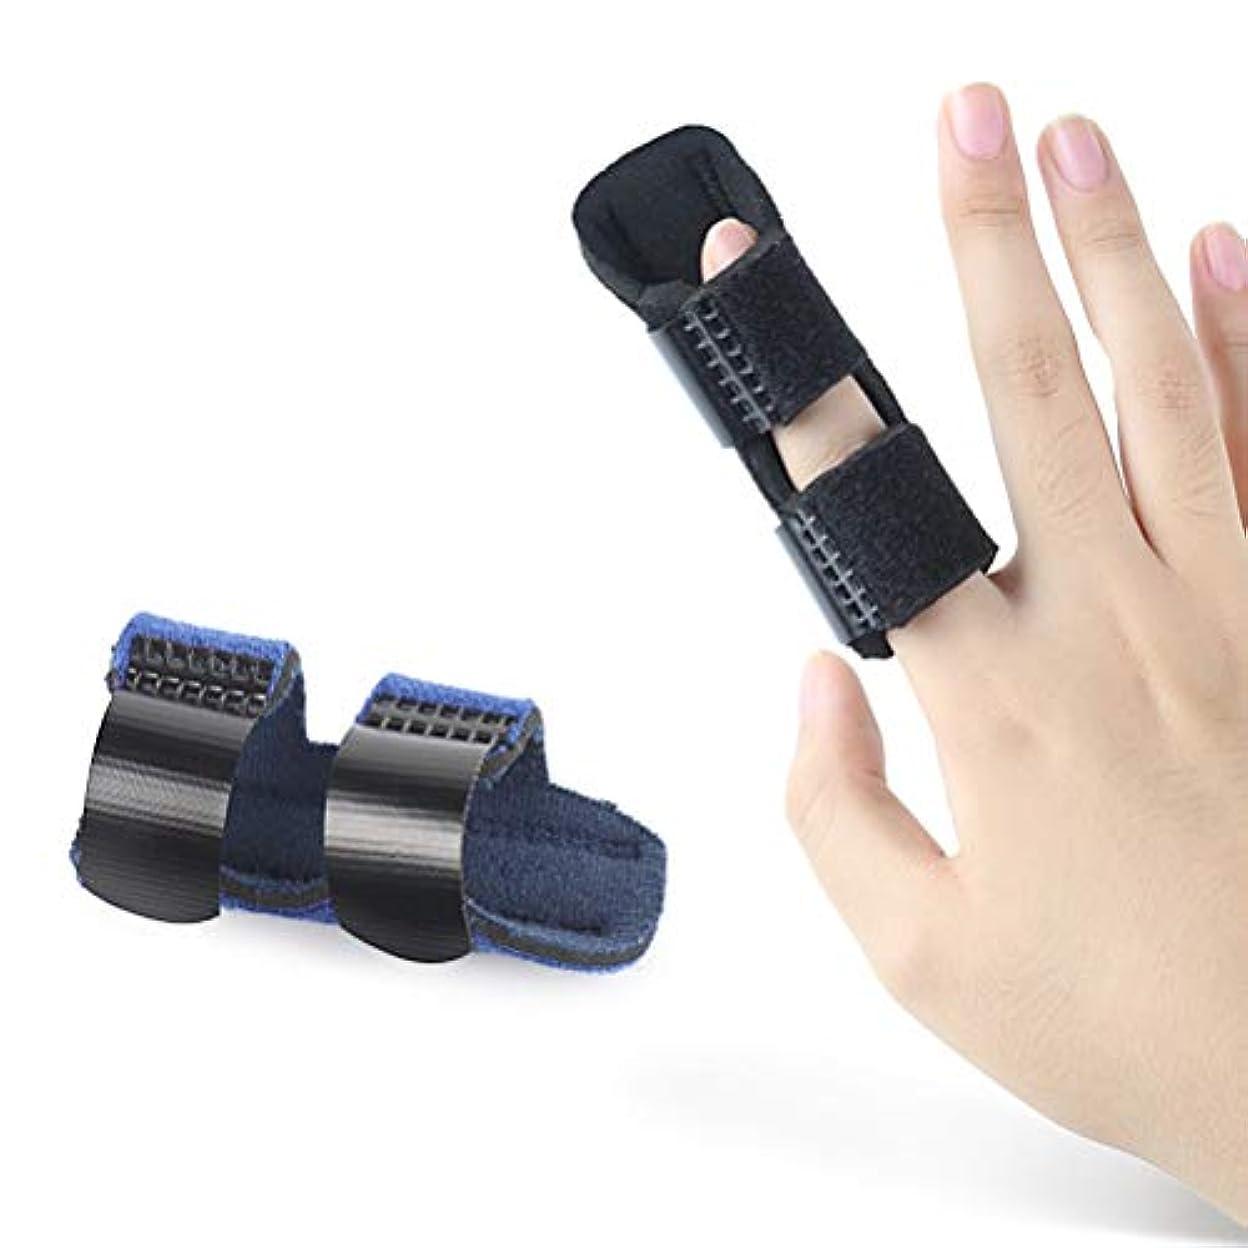 ナチュラルアームストロング簡単なSUPVOX 首サポートブレース 腱鞘炎 バネ指 関節靭帯保護 損傷回復に 手首の親指の痛みを和らげる 1対指スプリントサポート(黒)